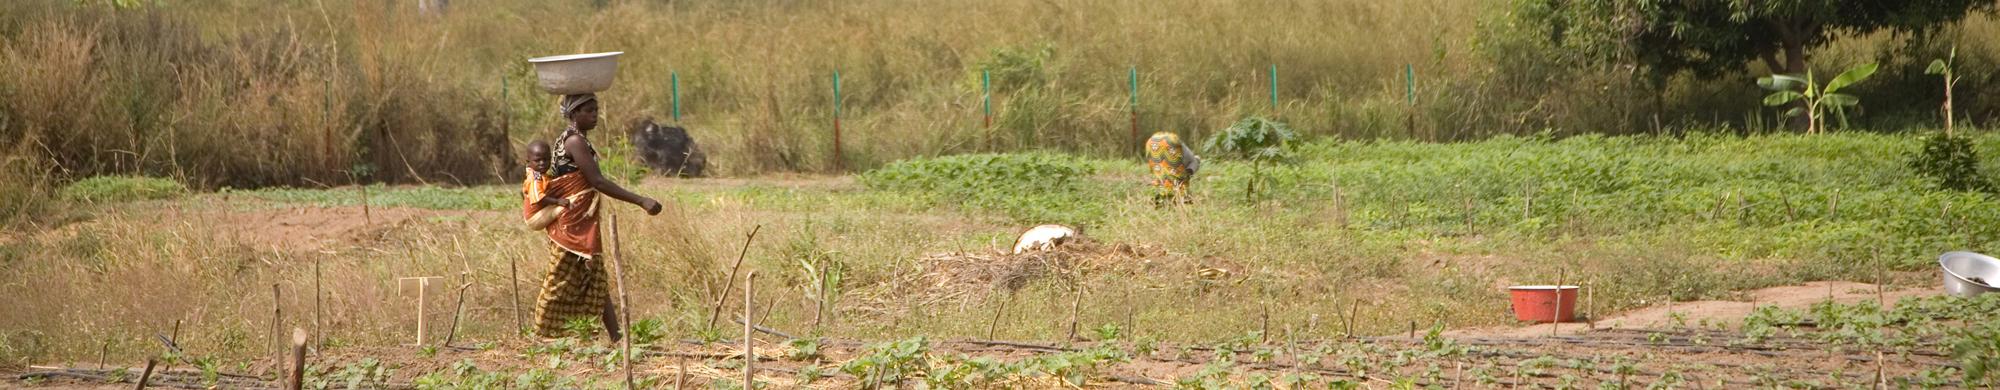 Bénin : les organisations paysannes s'opposent aux stratégies agricoles de la Banque mondiale